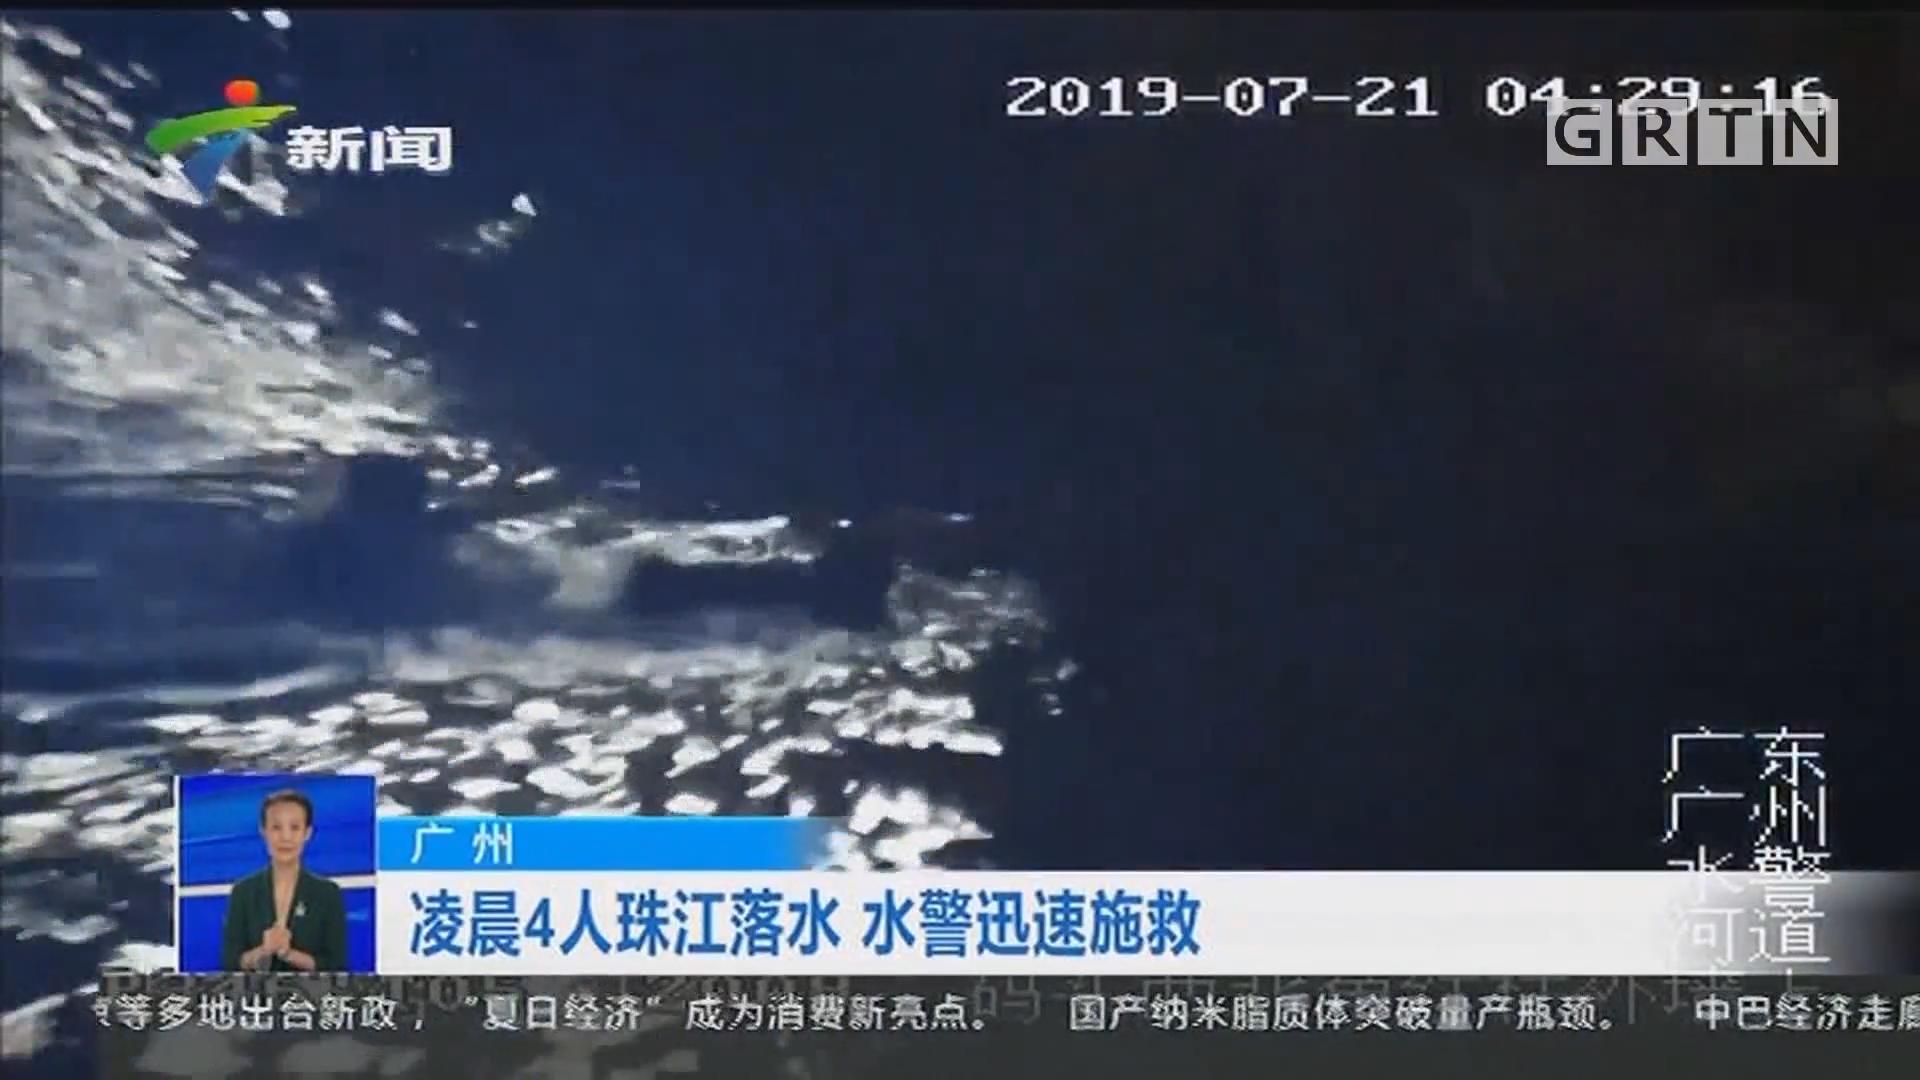 广州:凌晨4人珠江落水 水警迅速施救